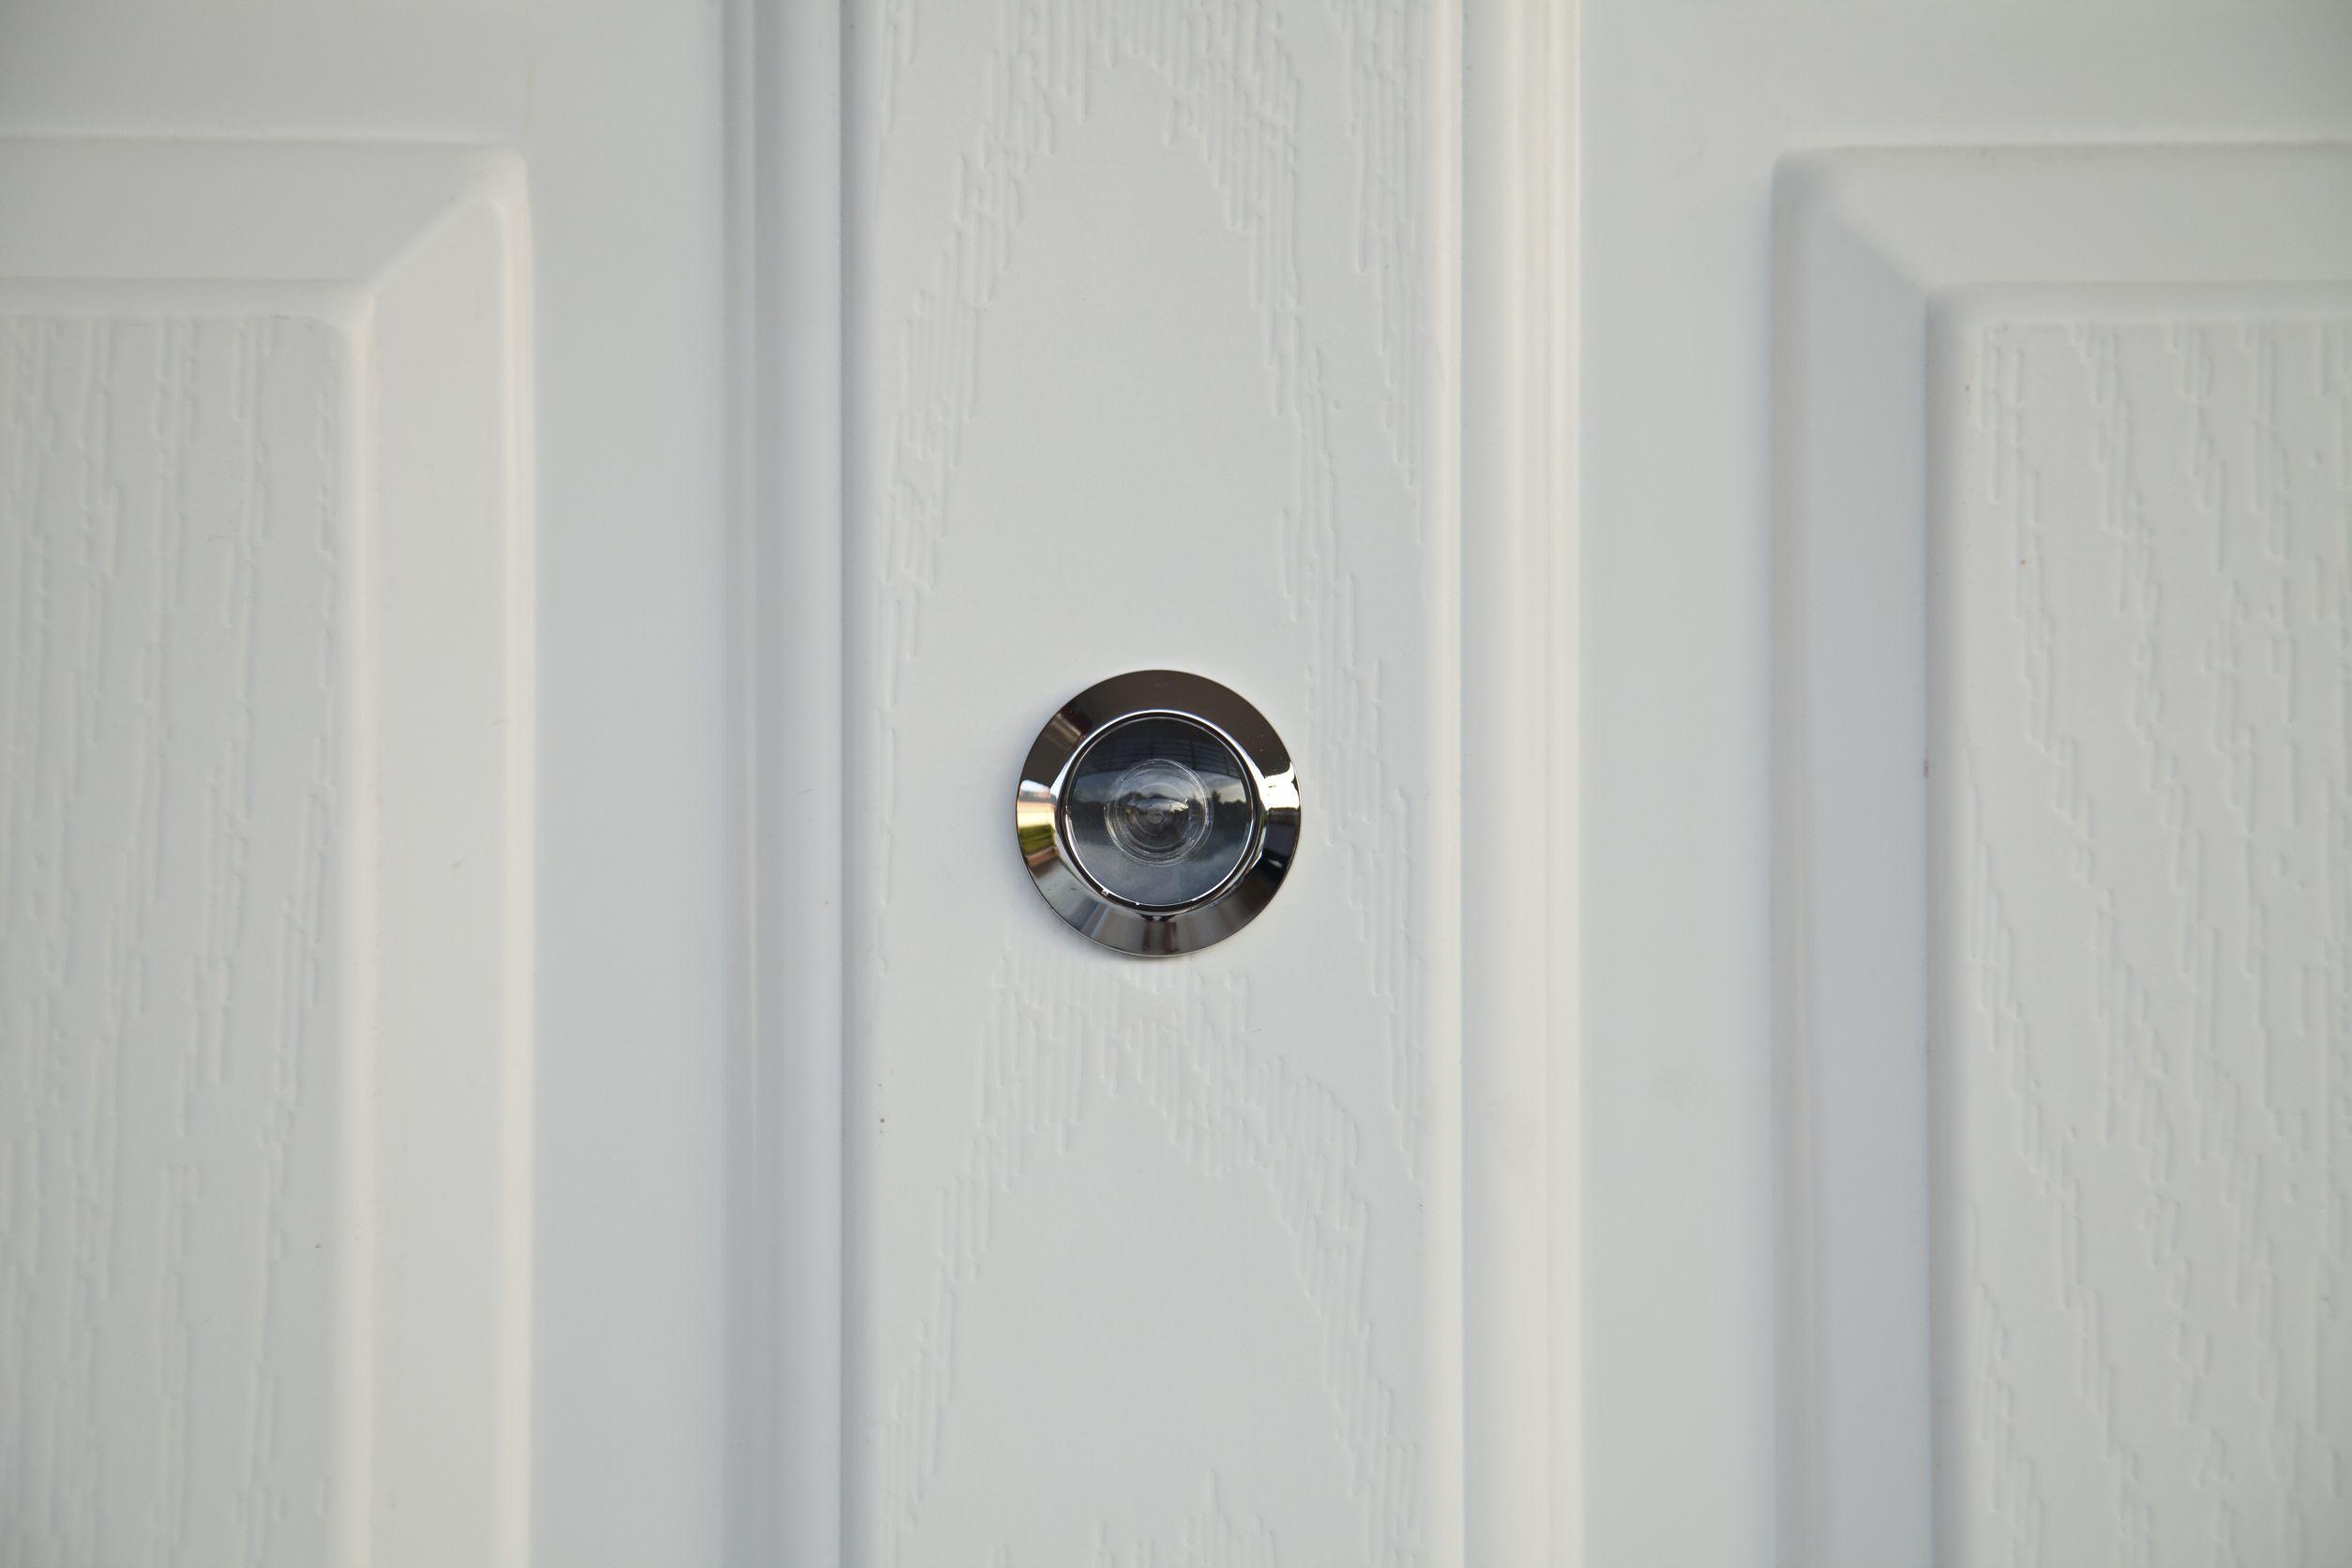 Parte de uma porta branca com olho mágico